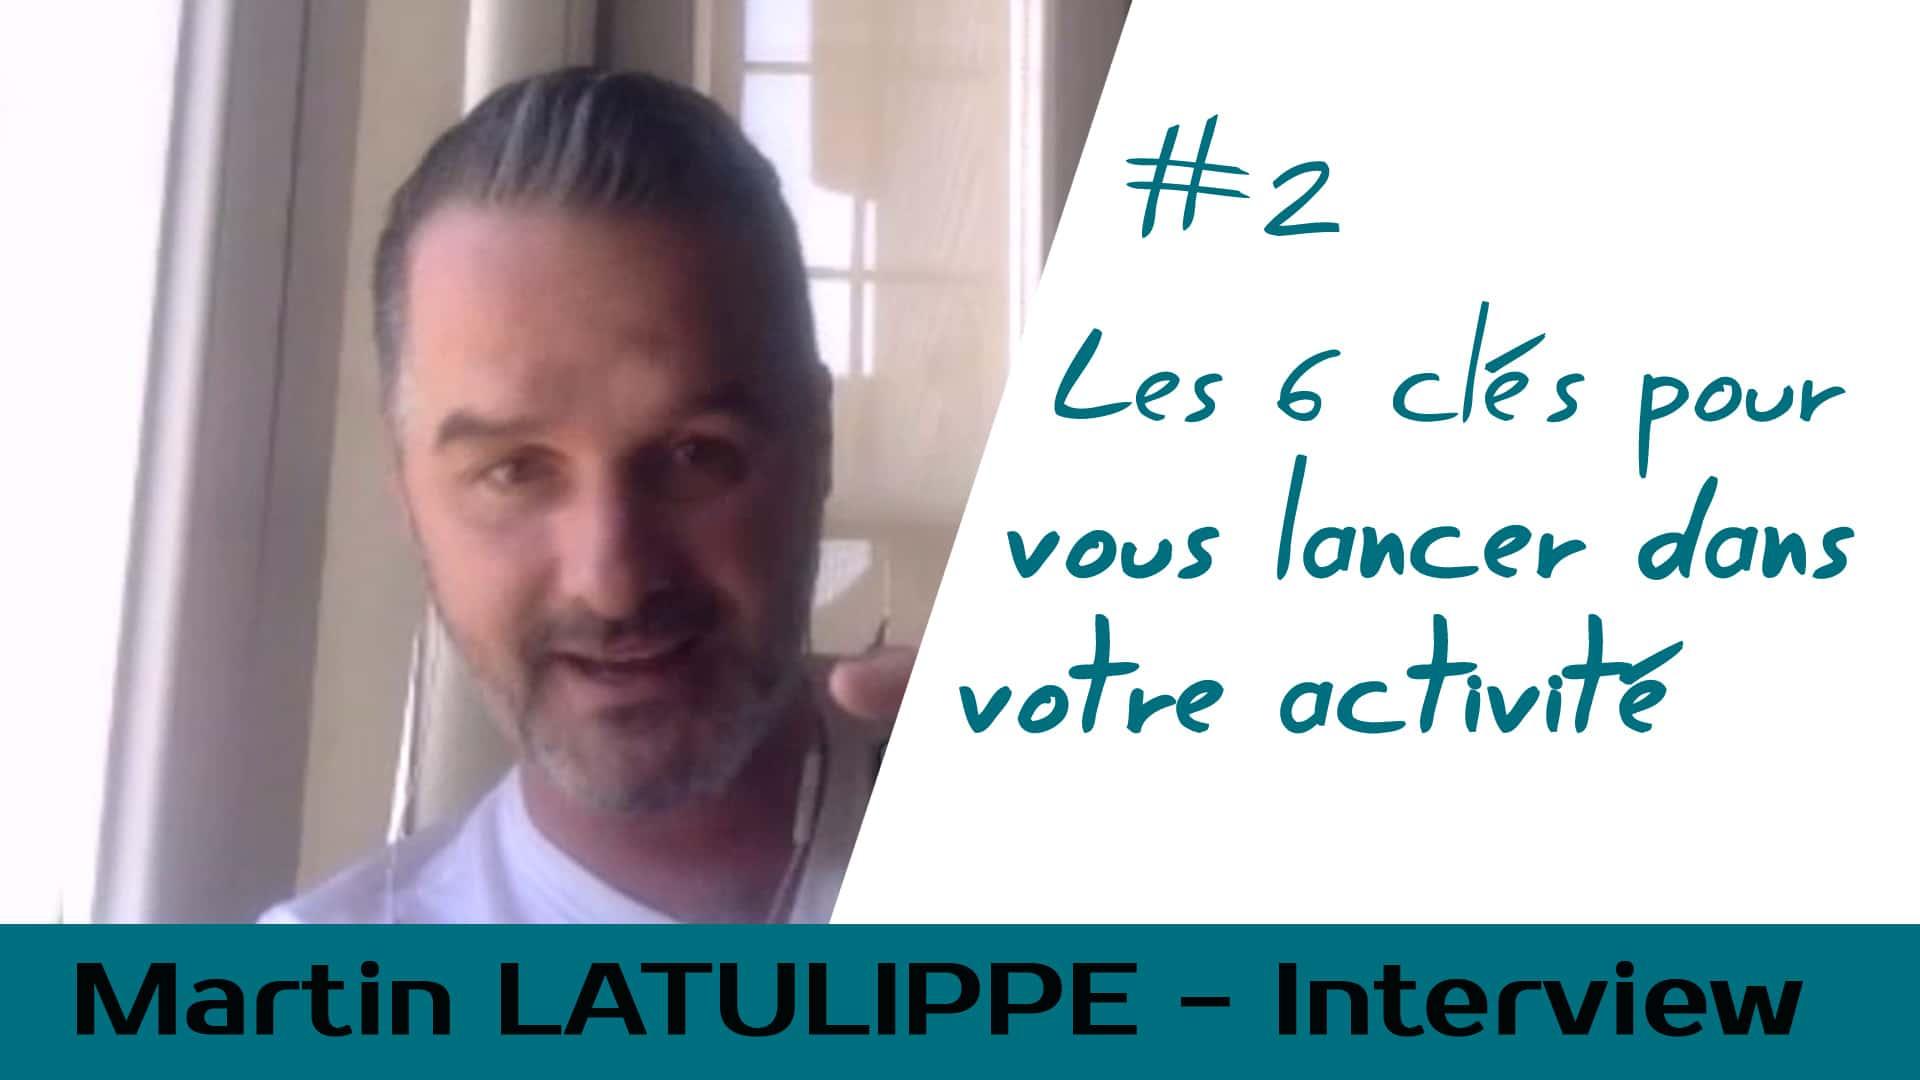 Les 6 clés pour se lancer dans votre activité – Interview Martin Latulippe #2